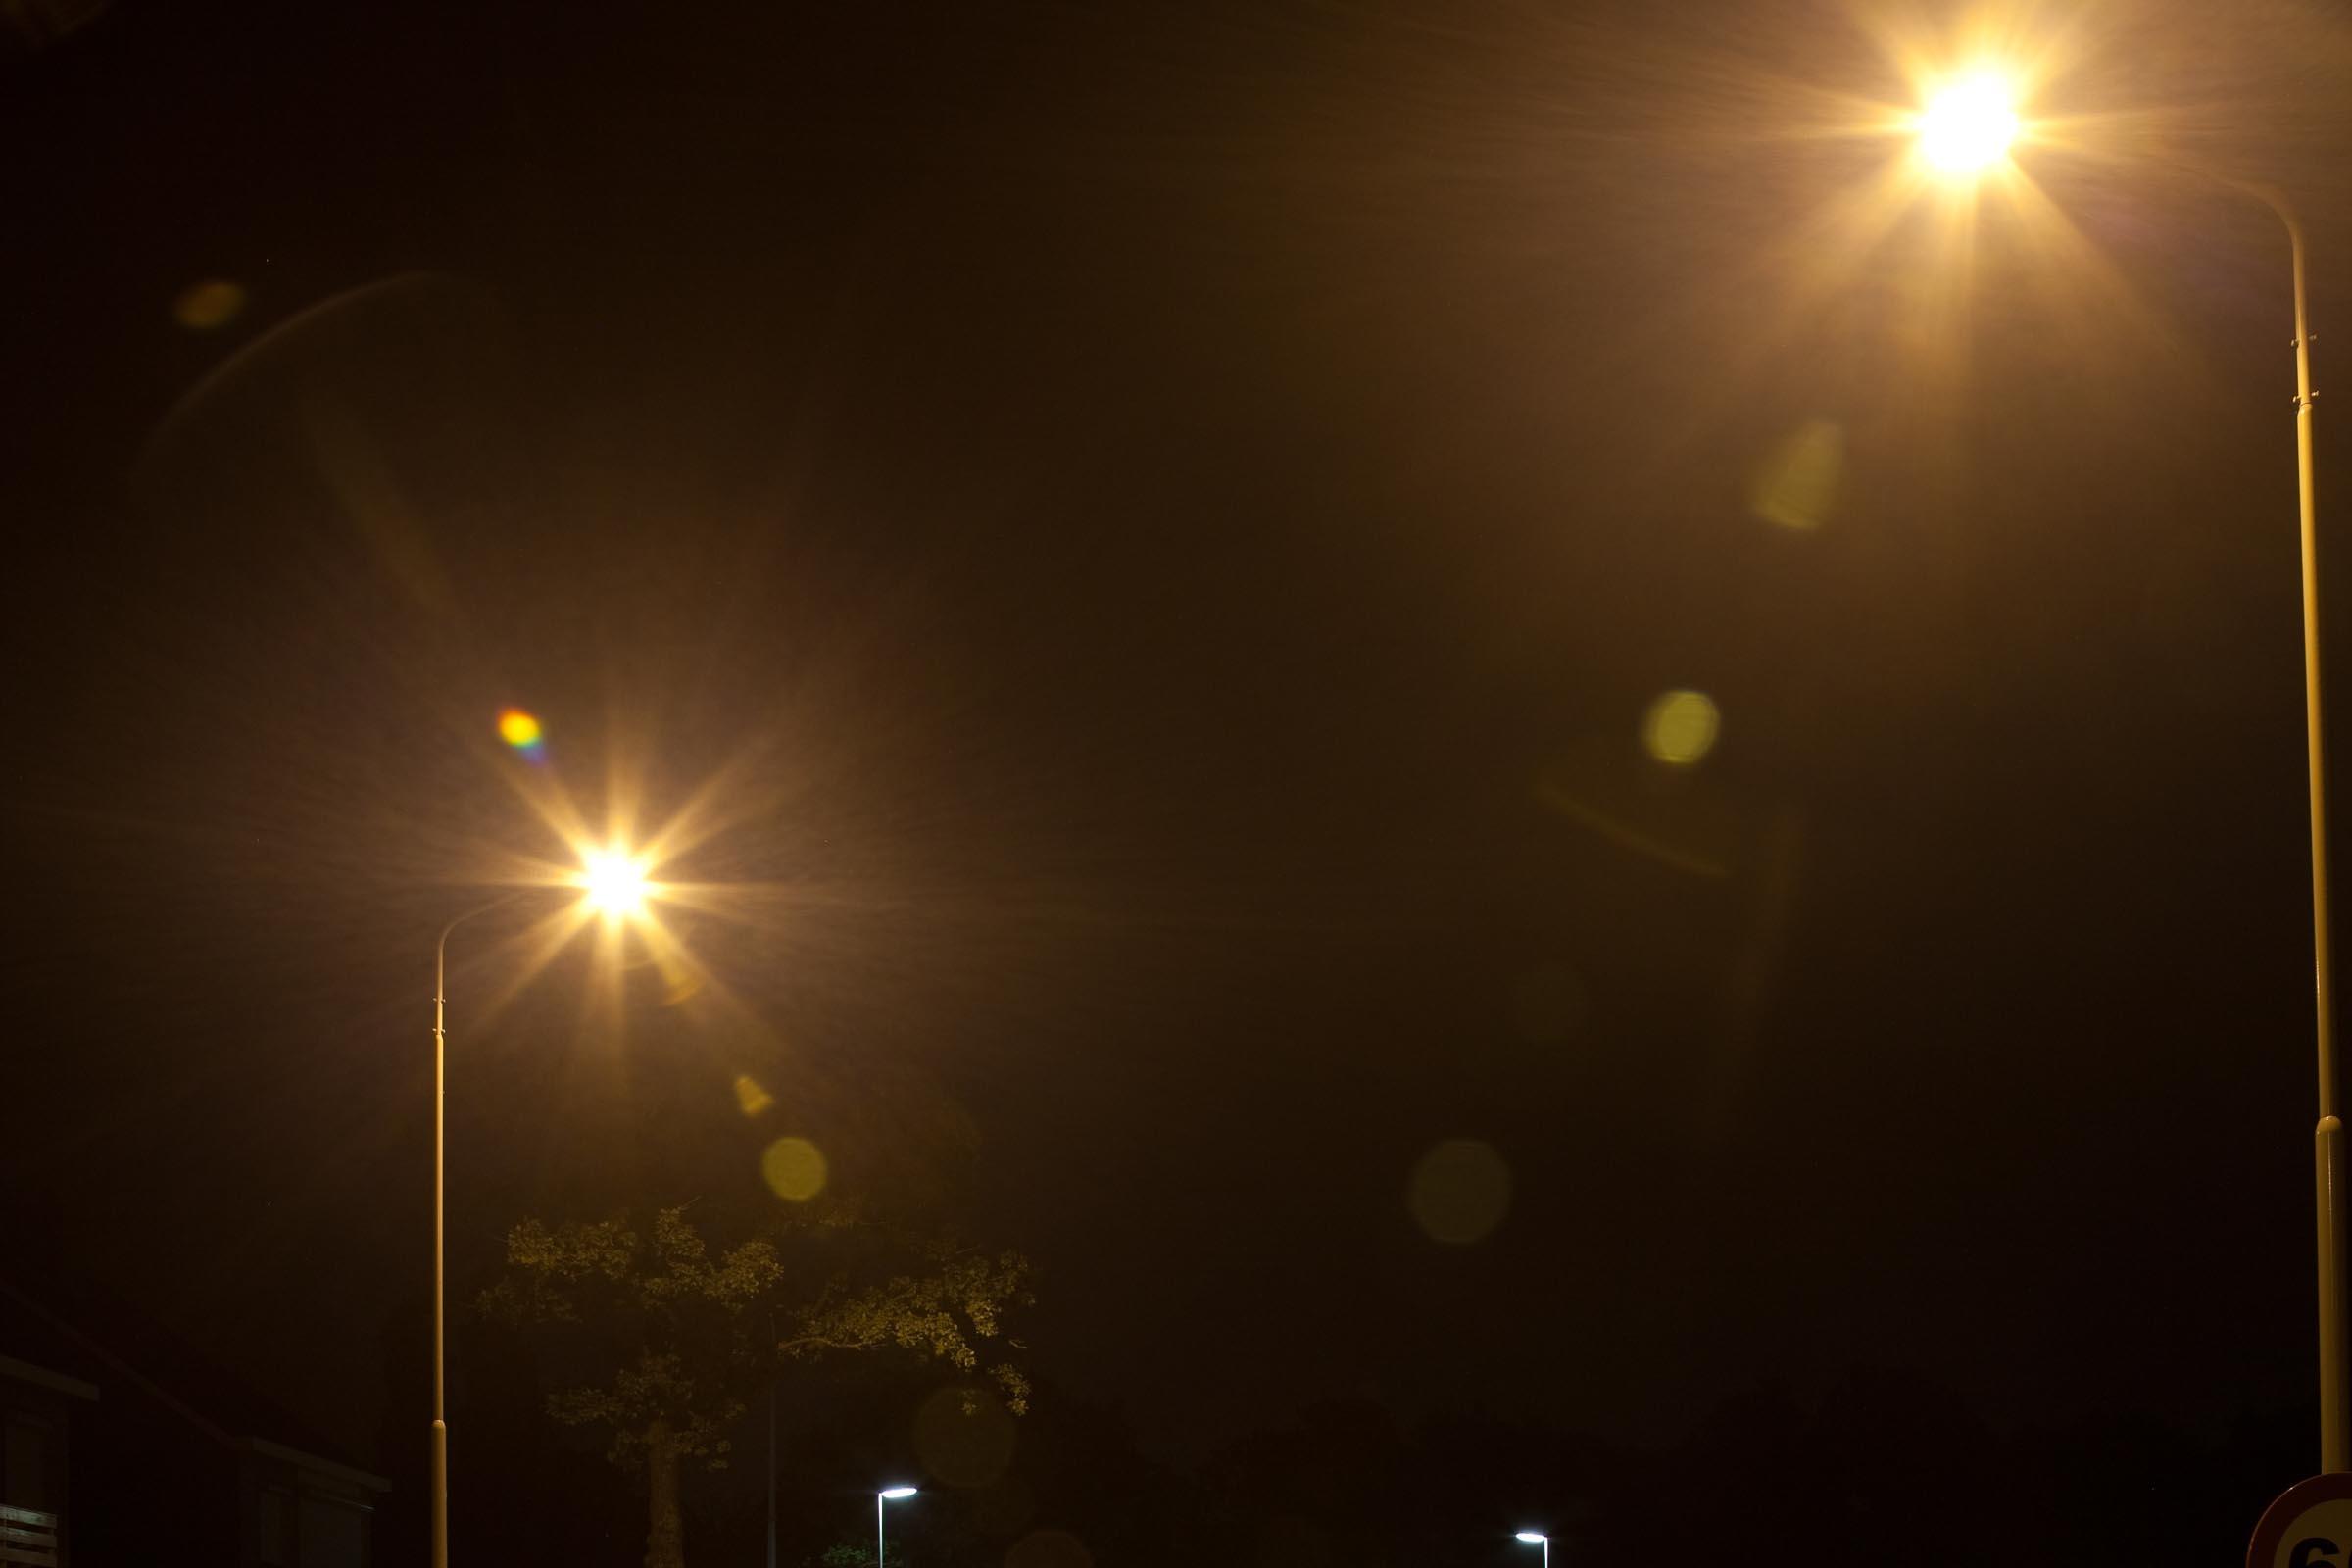 image from Het voorkomen van lensflare